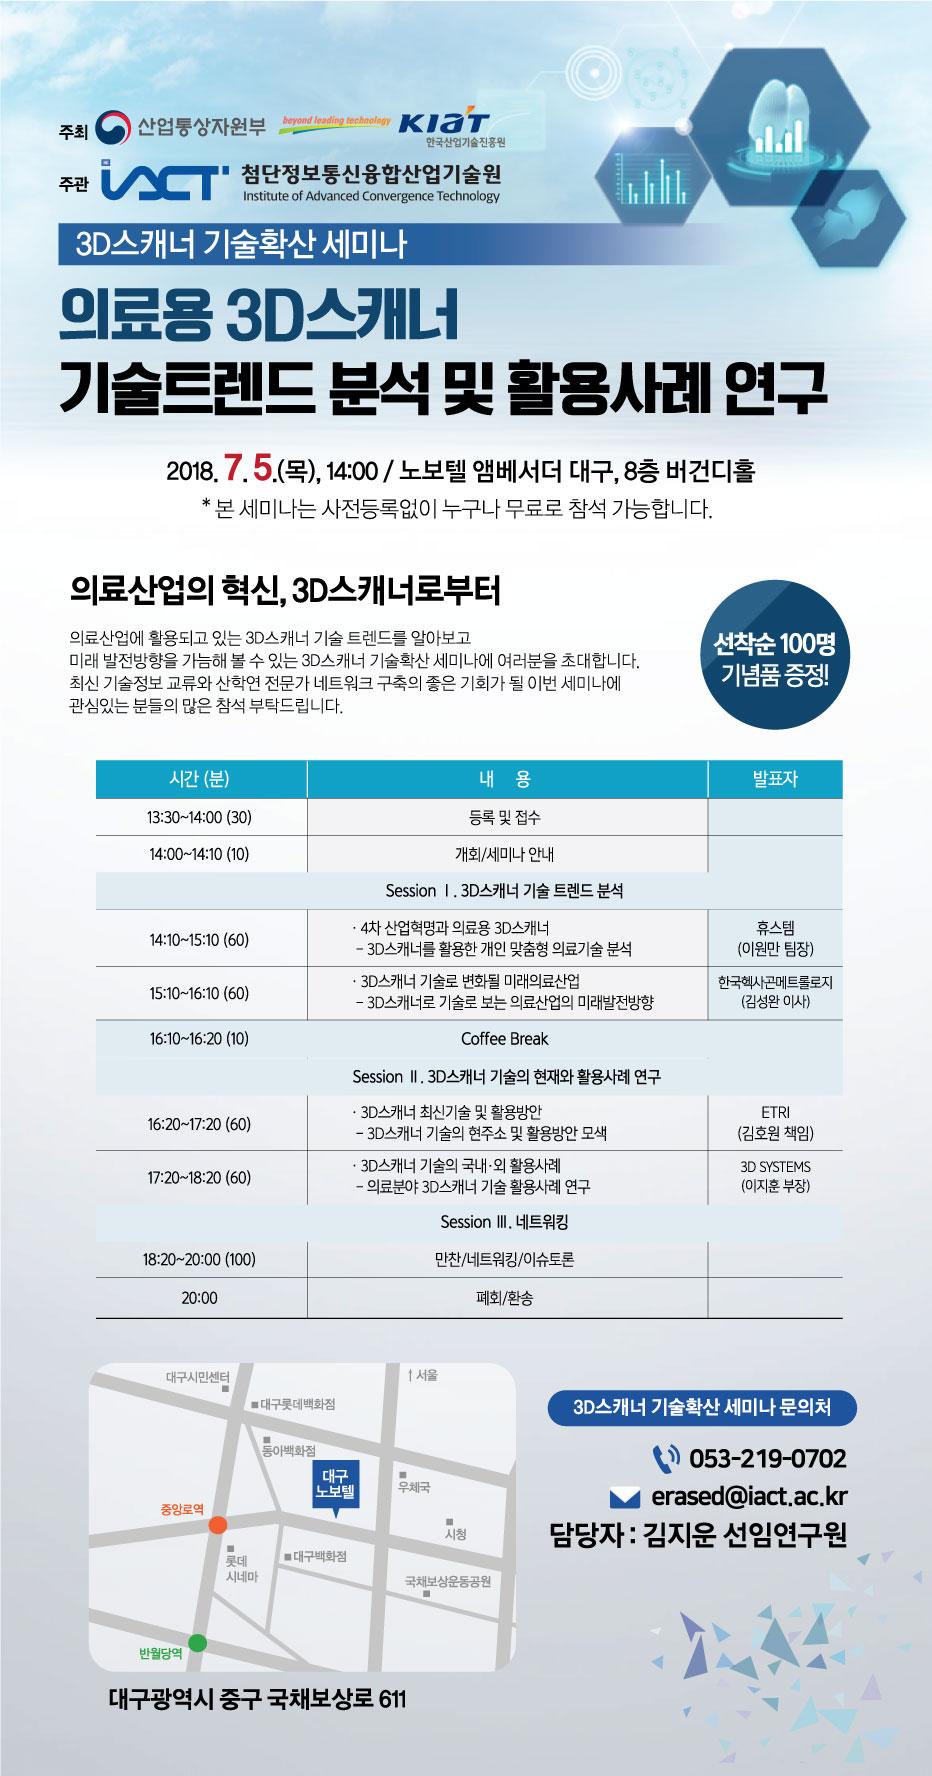 0607-경북대학교-첨단기술원-3D스캐너-웹전단-시안.jpg